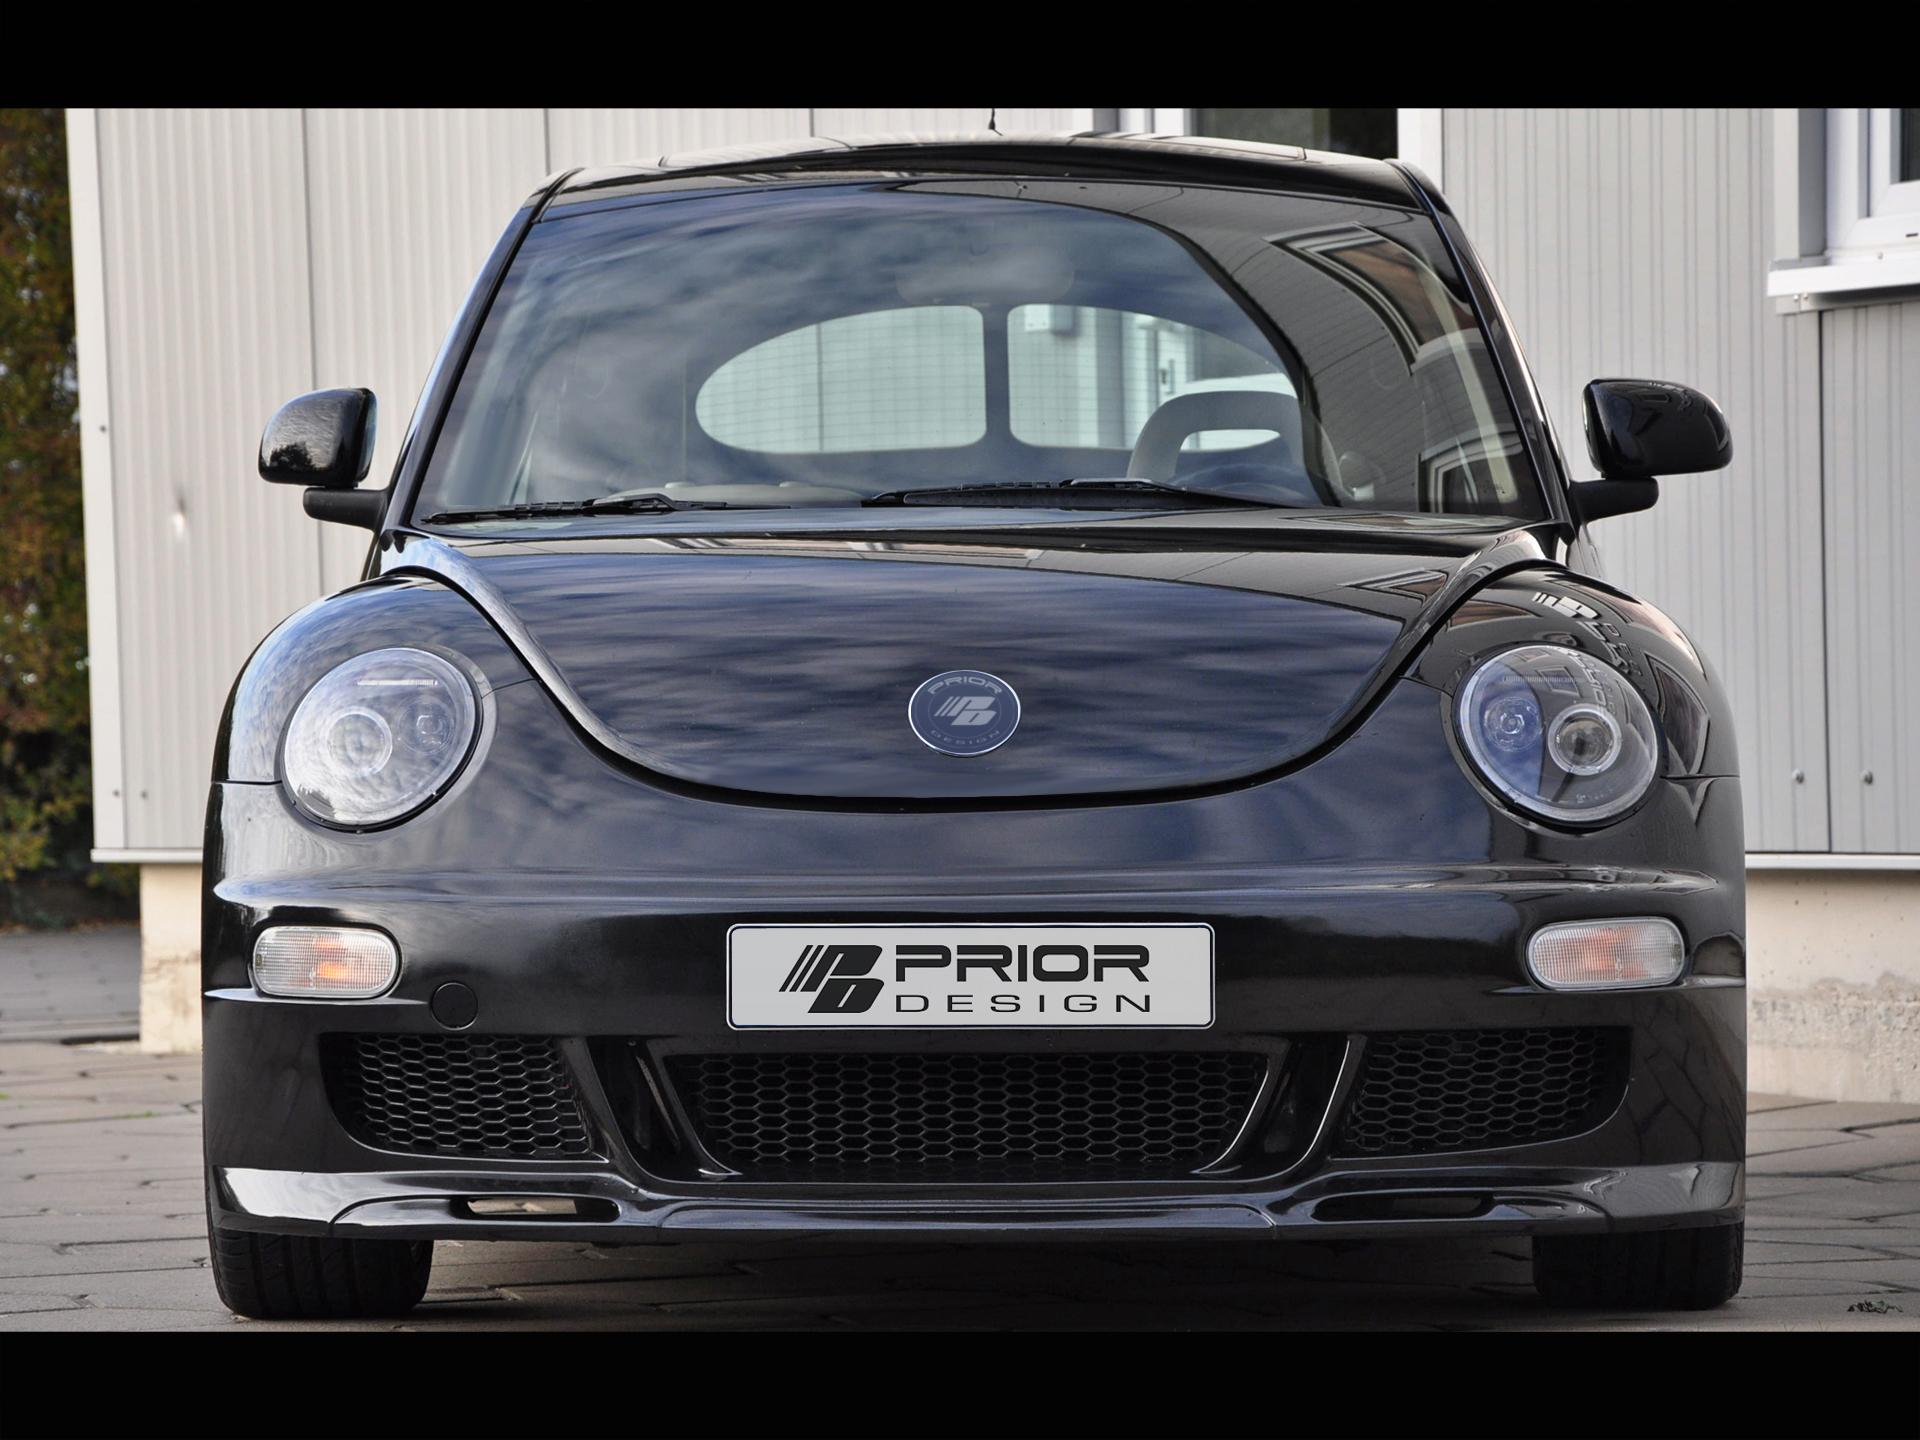 prior design vw new beetle gt3 front bumper body kit. Black Bedroom Furniture Sets. Home Design Ideas